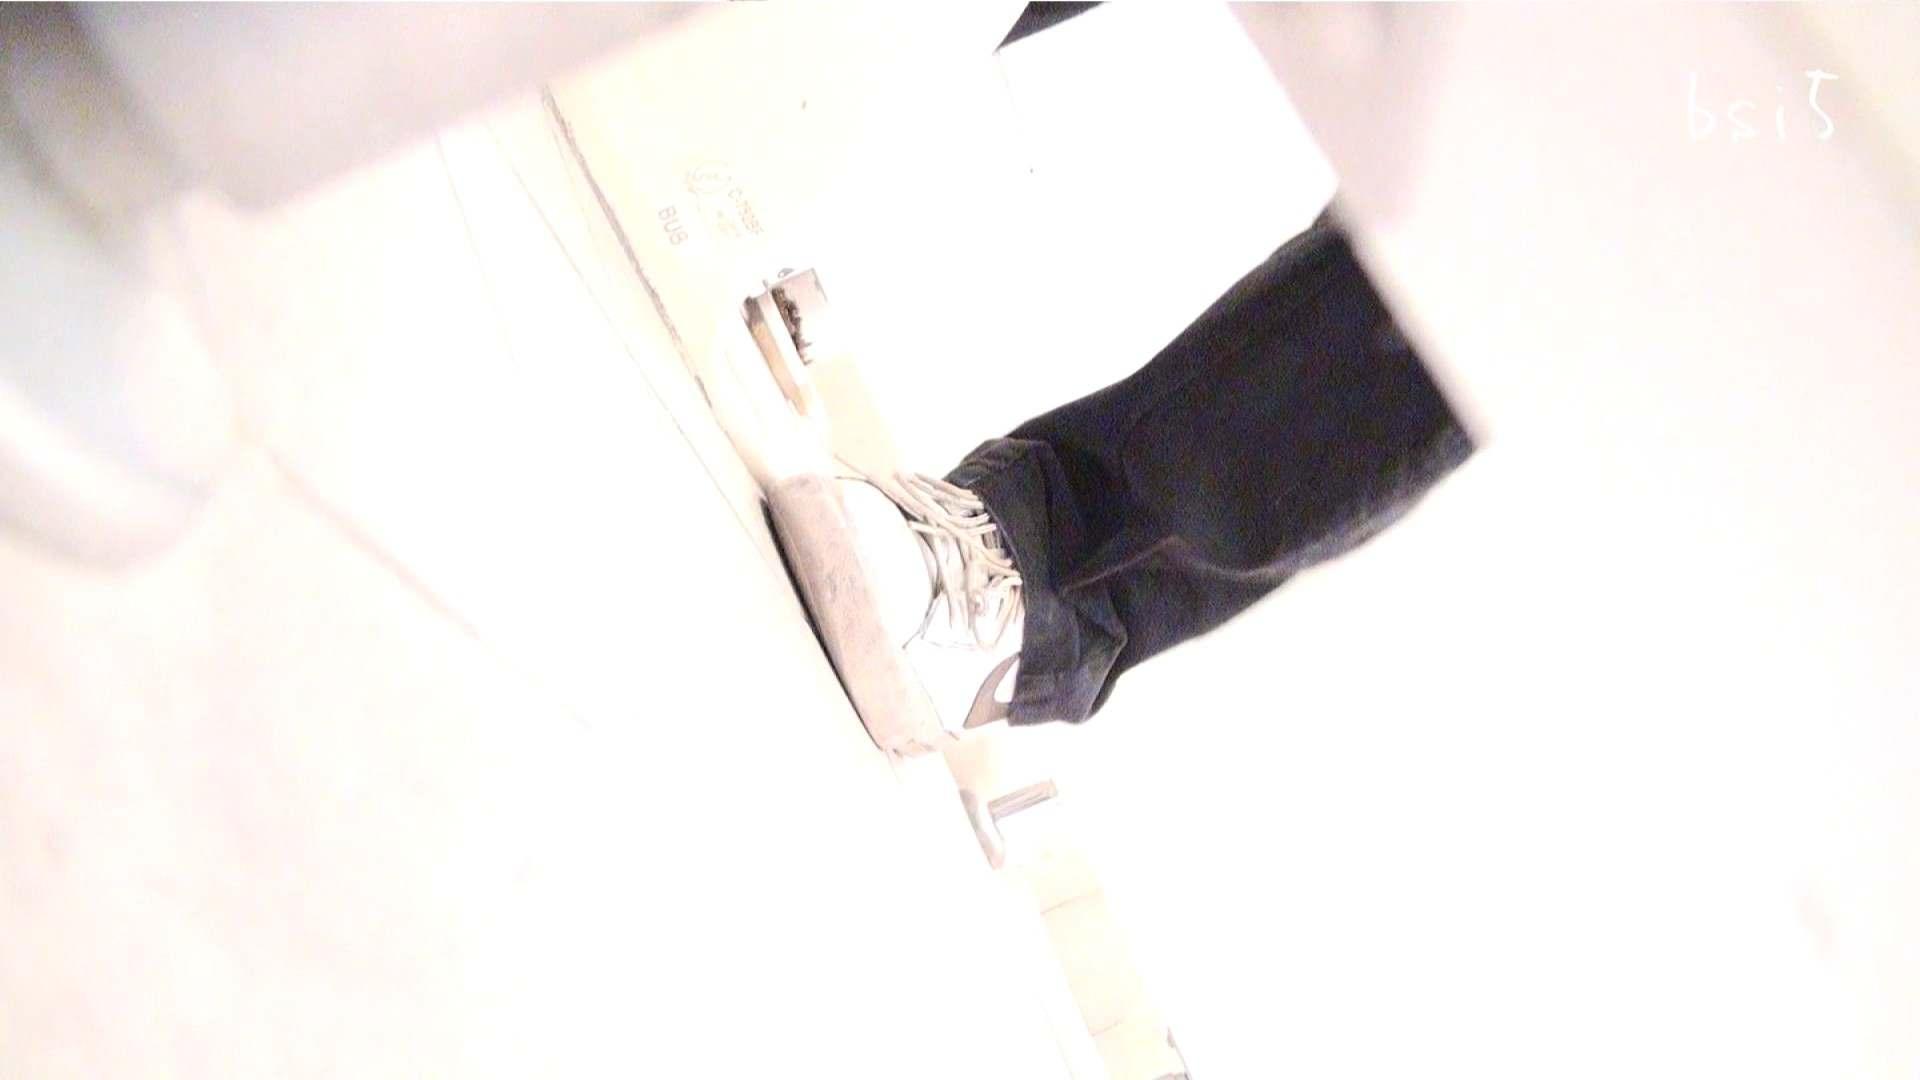 至高下半身盗撮-PREMIUM-【院内病棟編 】 vol.05 盗撮師作品  75pic 50